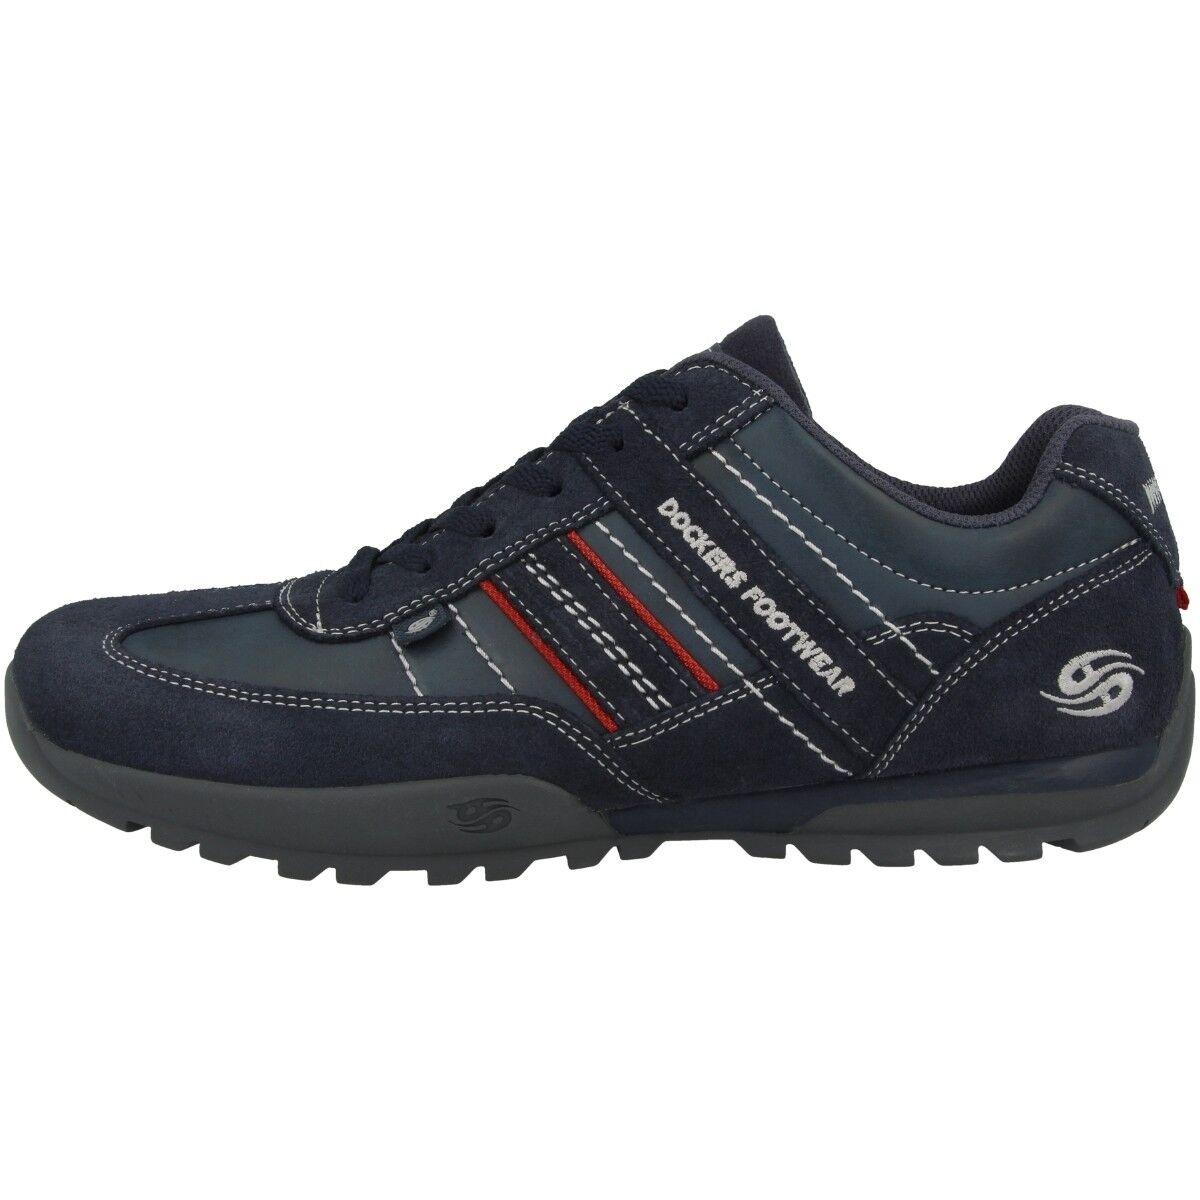 Dockers By Gerli 36HT001 Zapatillas Deportivas Hombre Zapatos de Cordones Azul